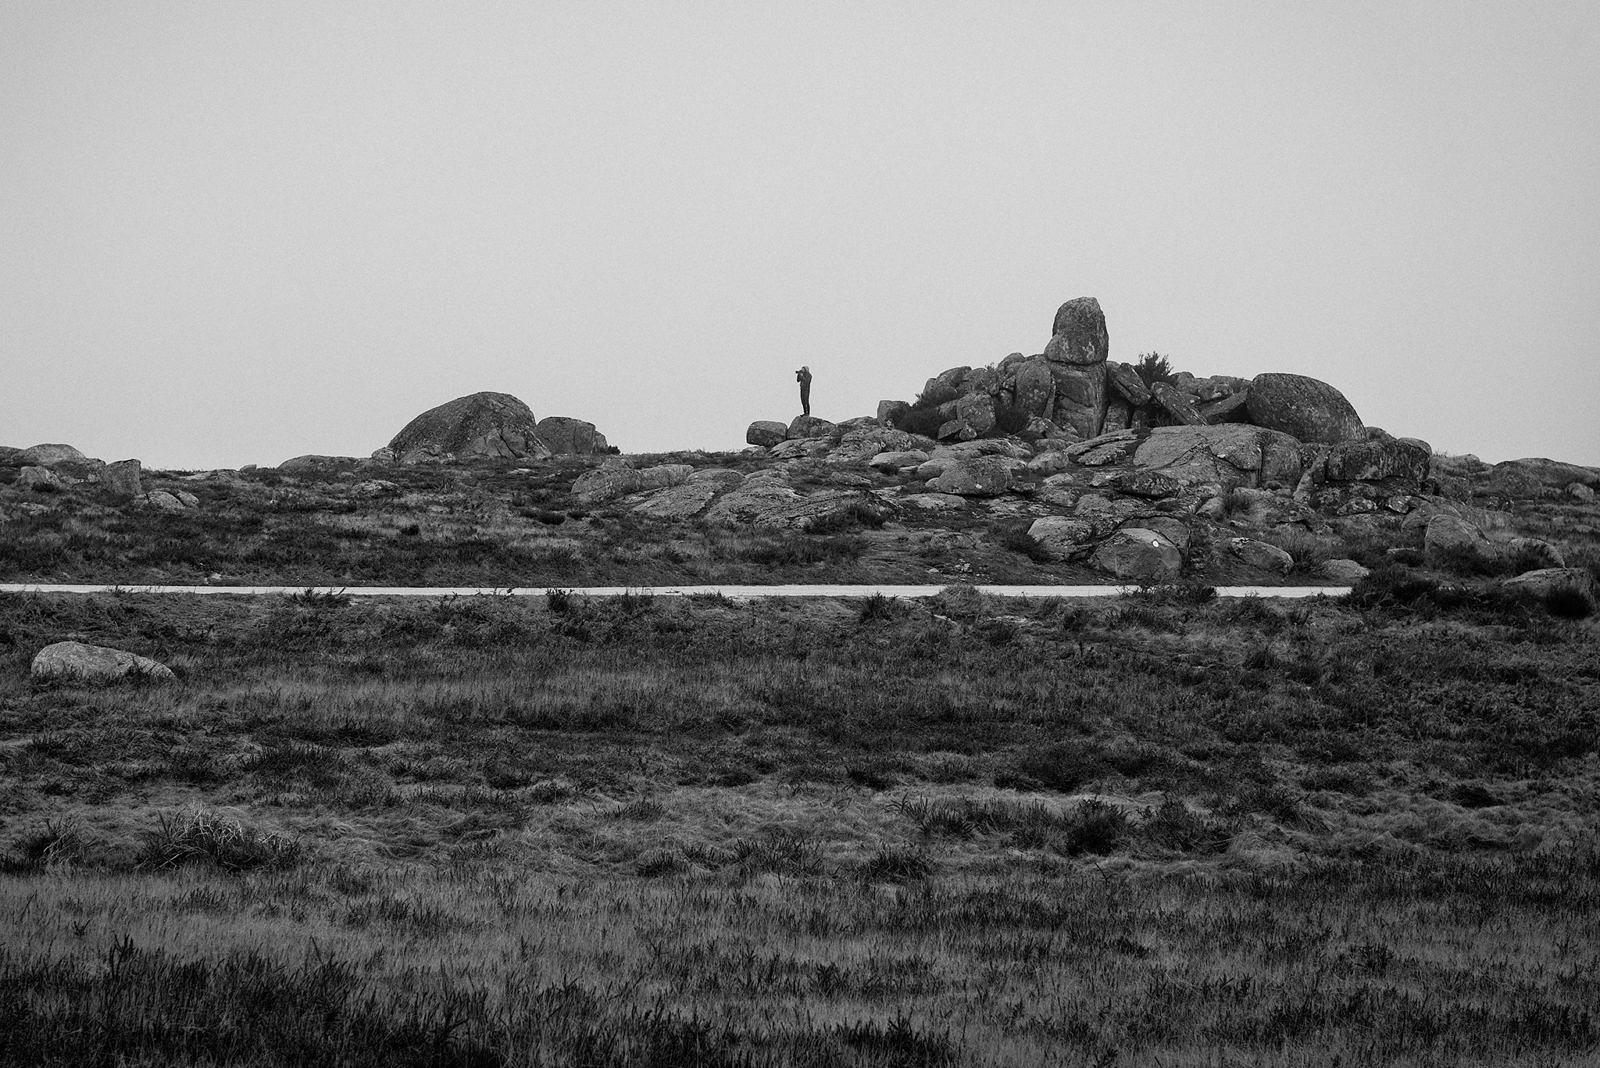 Nelson d'Aires na paisagem da serra de Montemuro. Fotografia de Nuno Couto Soares